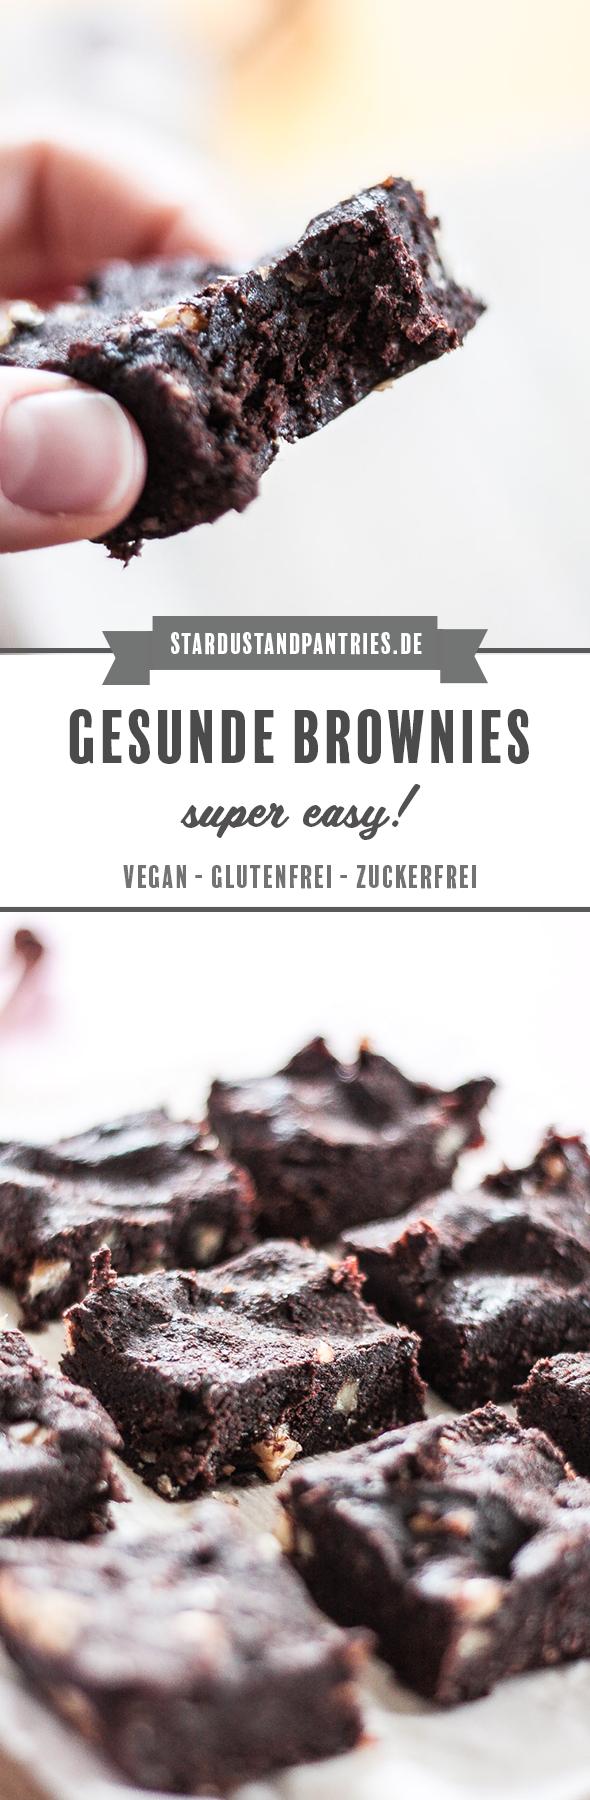 Gesunde Brownies (vegan, glutenfrei, zuckerfrei) Gesunde Brownies (vegan, glutenfrei, zuckerfrei)